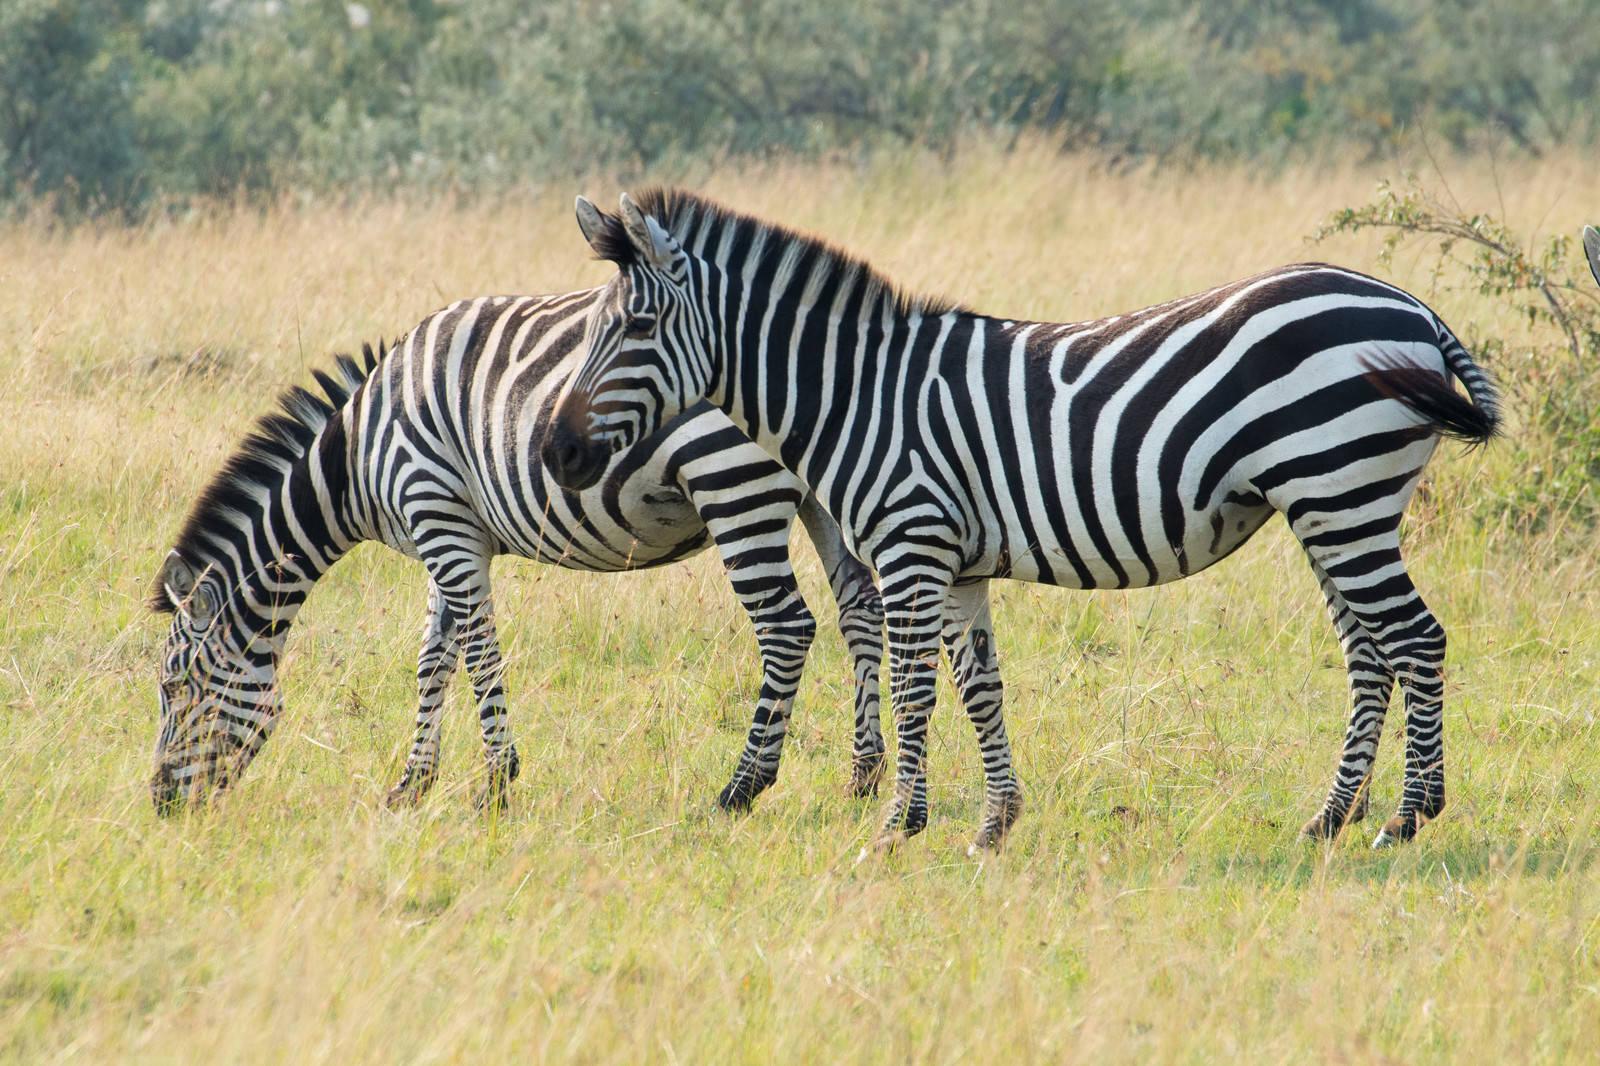 「動物 群れ フリー画像」の画像検索結果